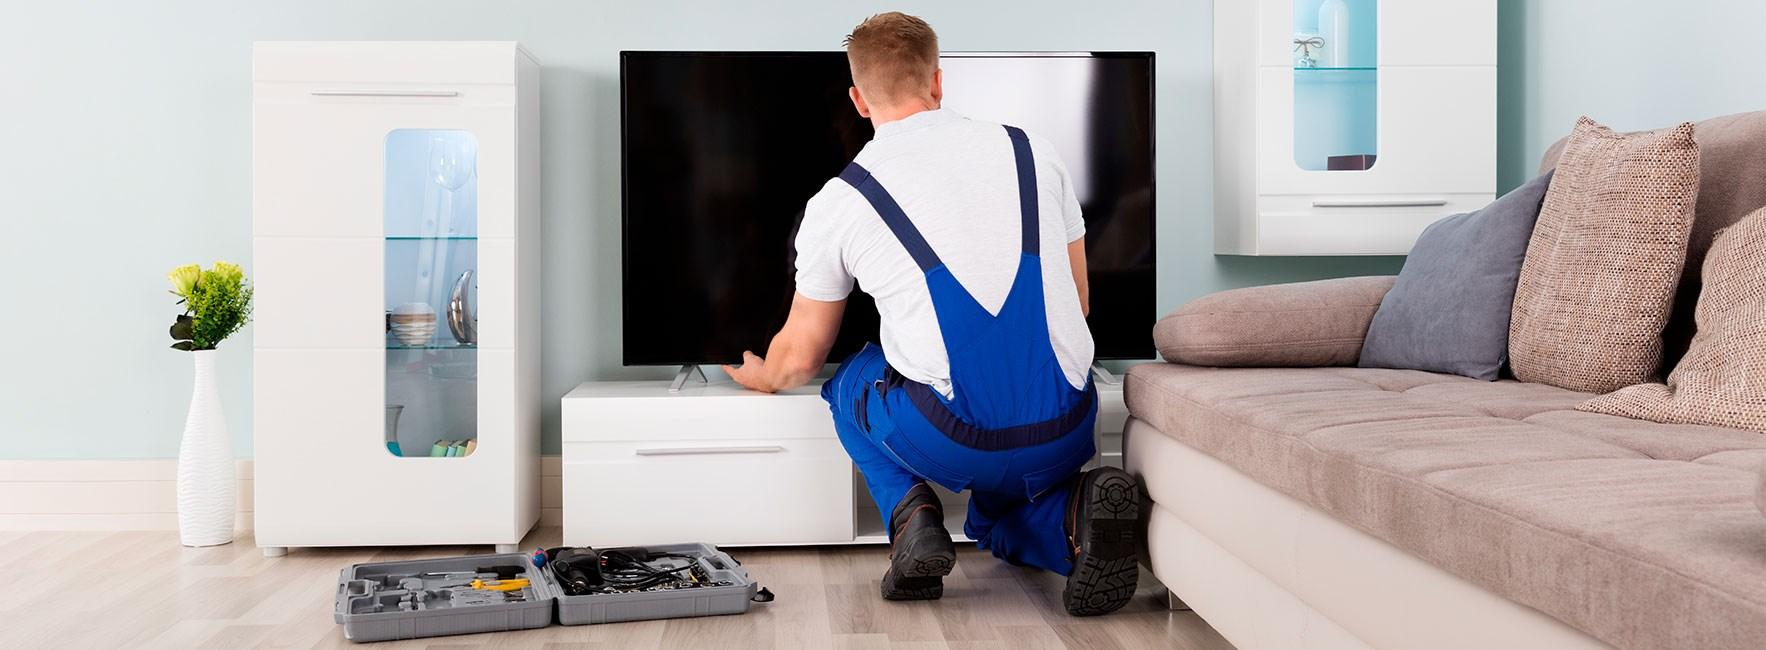 Plassering av TV